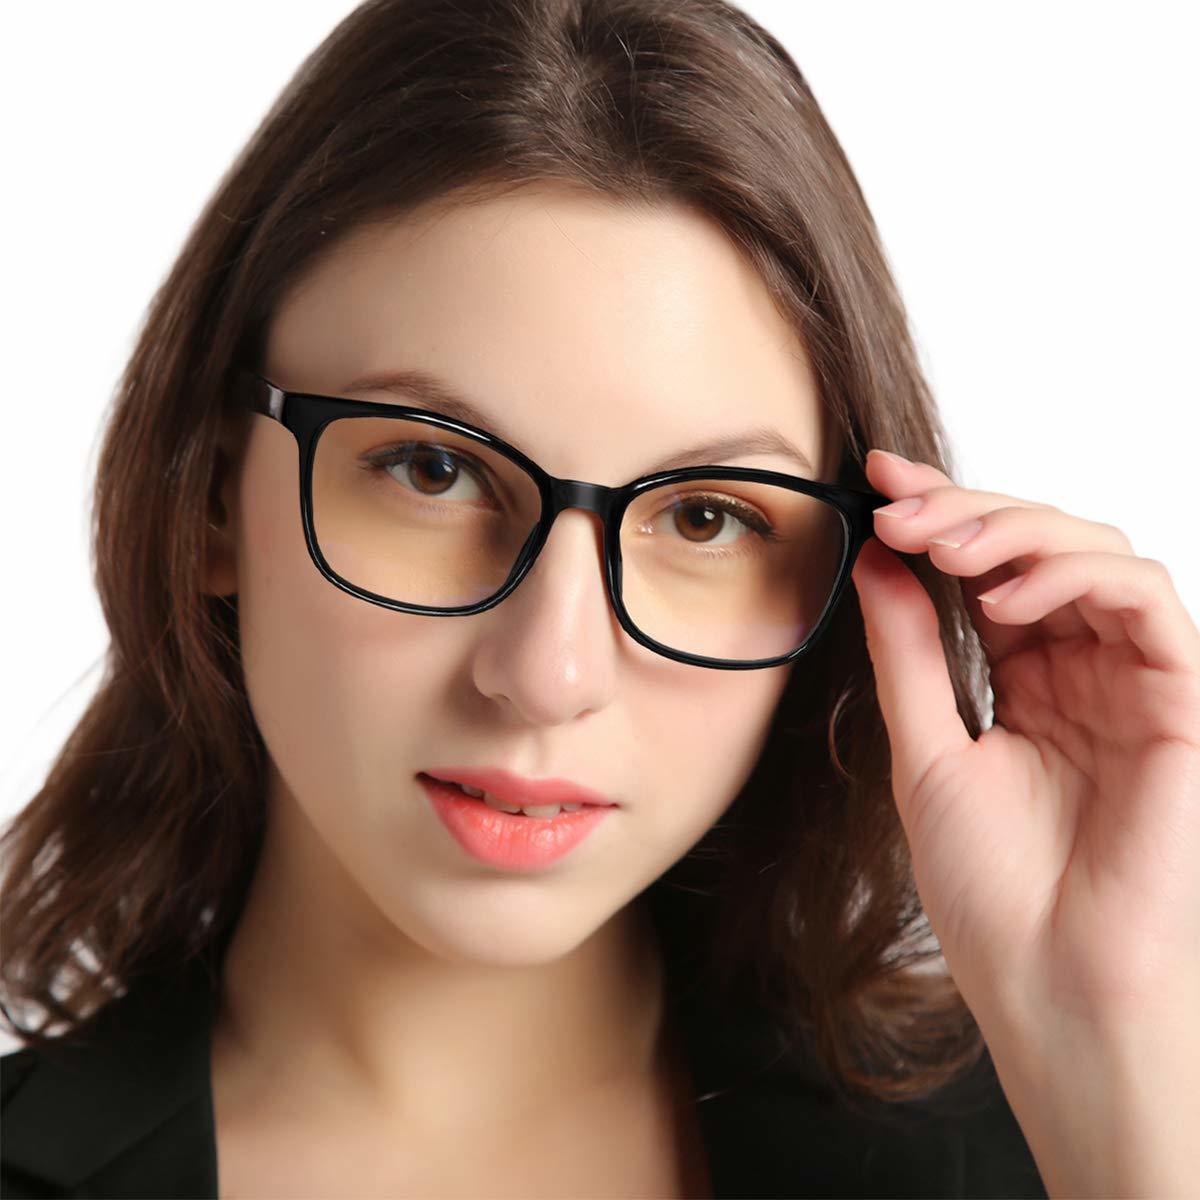 新品●Jawwei 伊達メガネ おしゃれ ブルーライトカット pcメガネ TR90 超軽量 だて 眼鏡 ファッション メガネ uv 紫外線99%カット Y6838_画像3